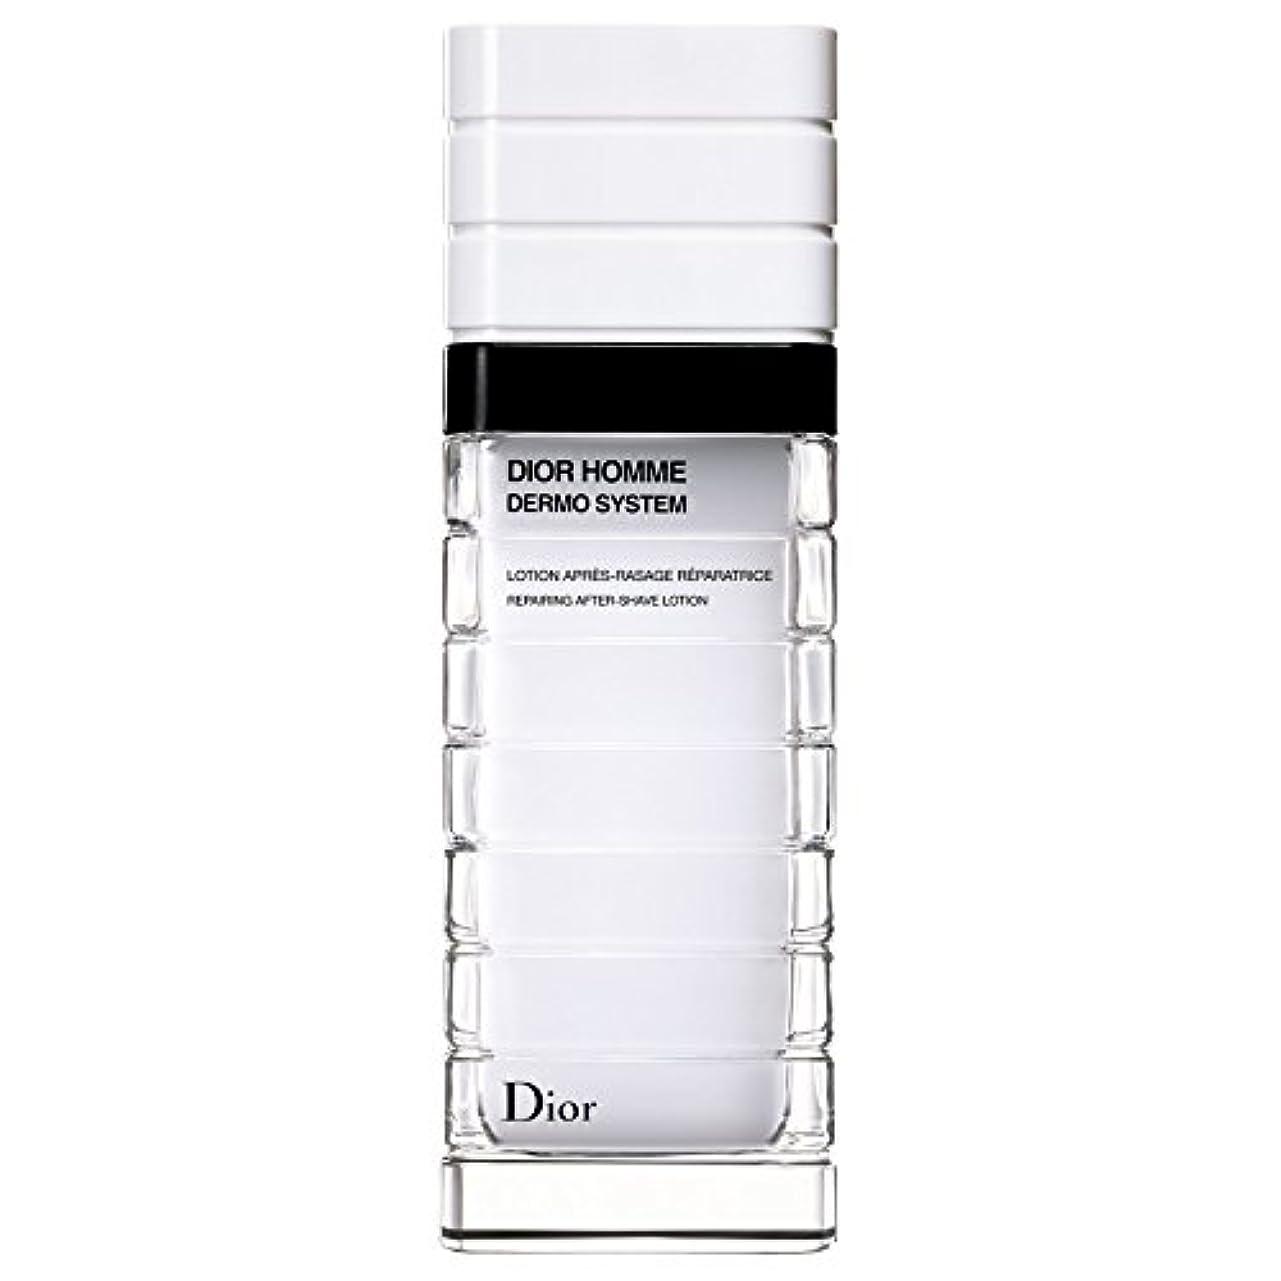 蒸カイウスステンレス[Dior] ディオールディオールオムの、真皮システムローションポンプボトル100ミリリットル - Dior Dior Homme Dermo System Lotion Pump Bottle 100ml [並行輸入品]